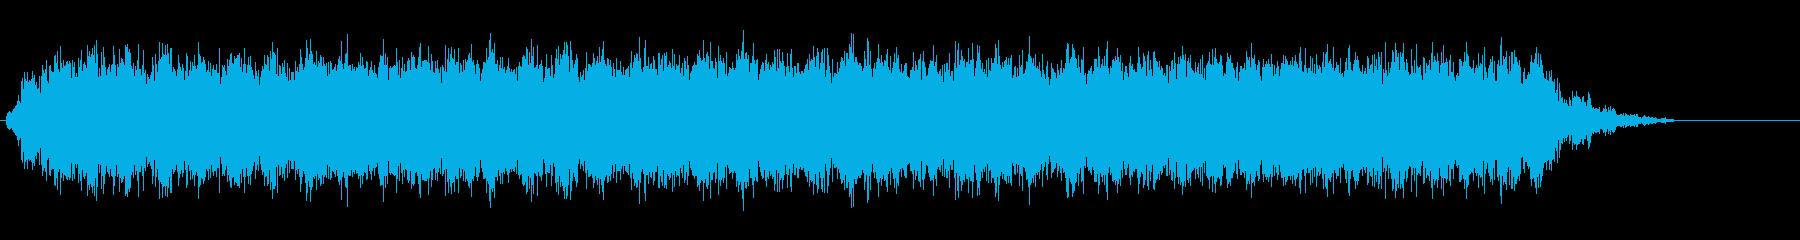 [生録音]ミキサーで混ぜる02-ミドルの再生済みの波形